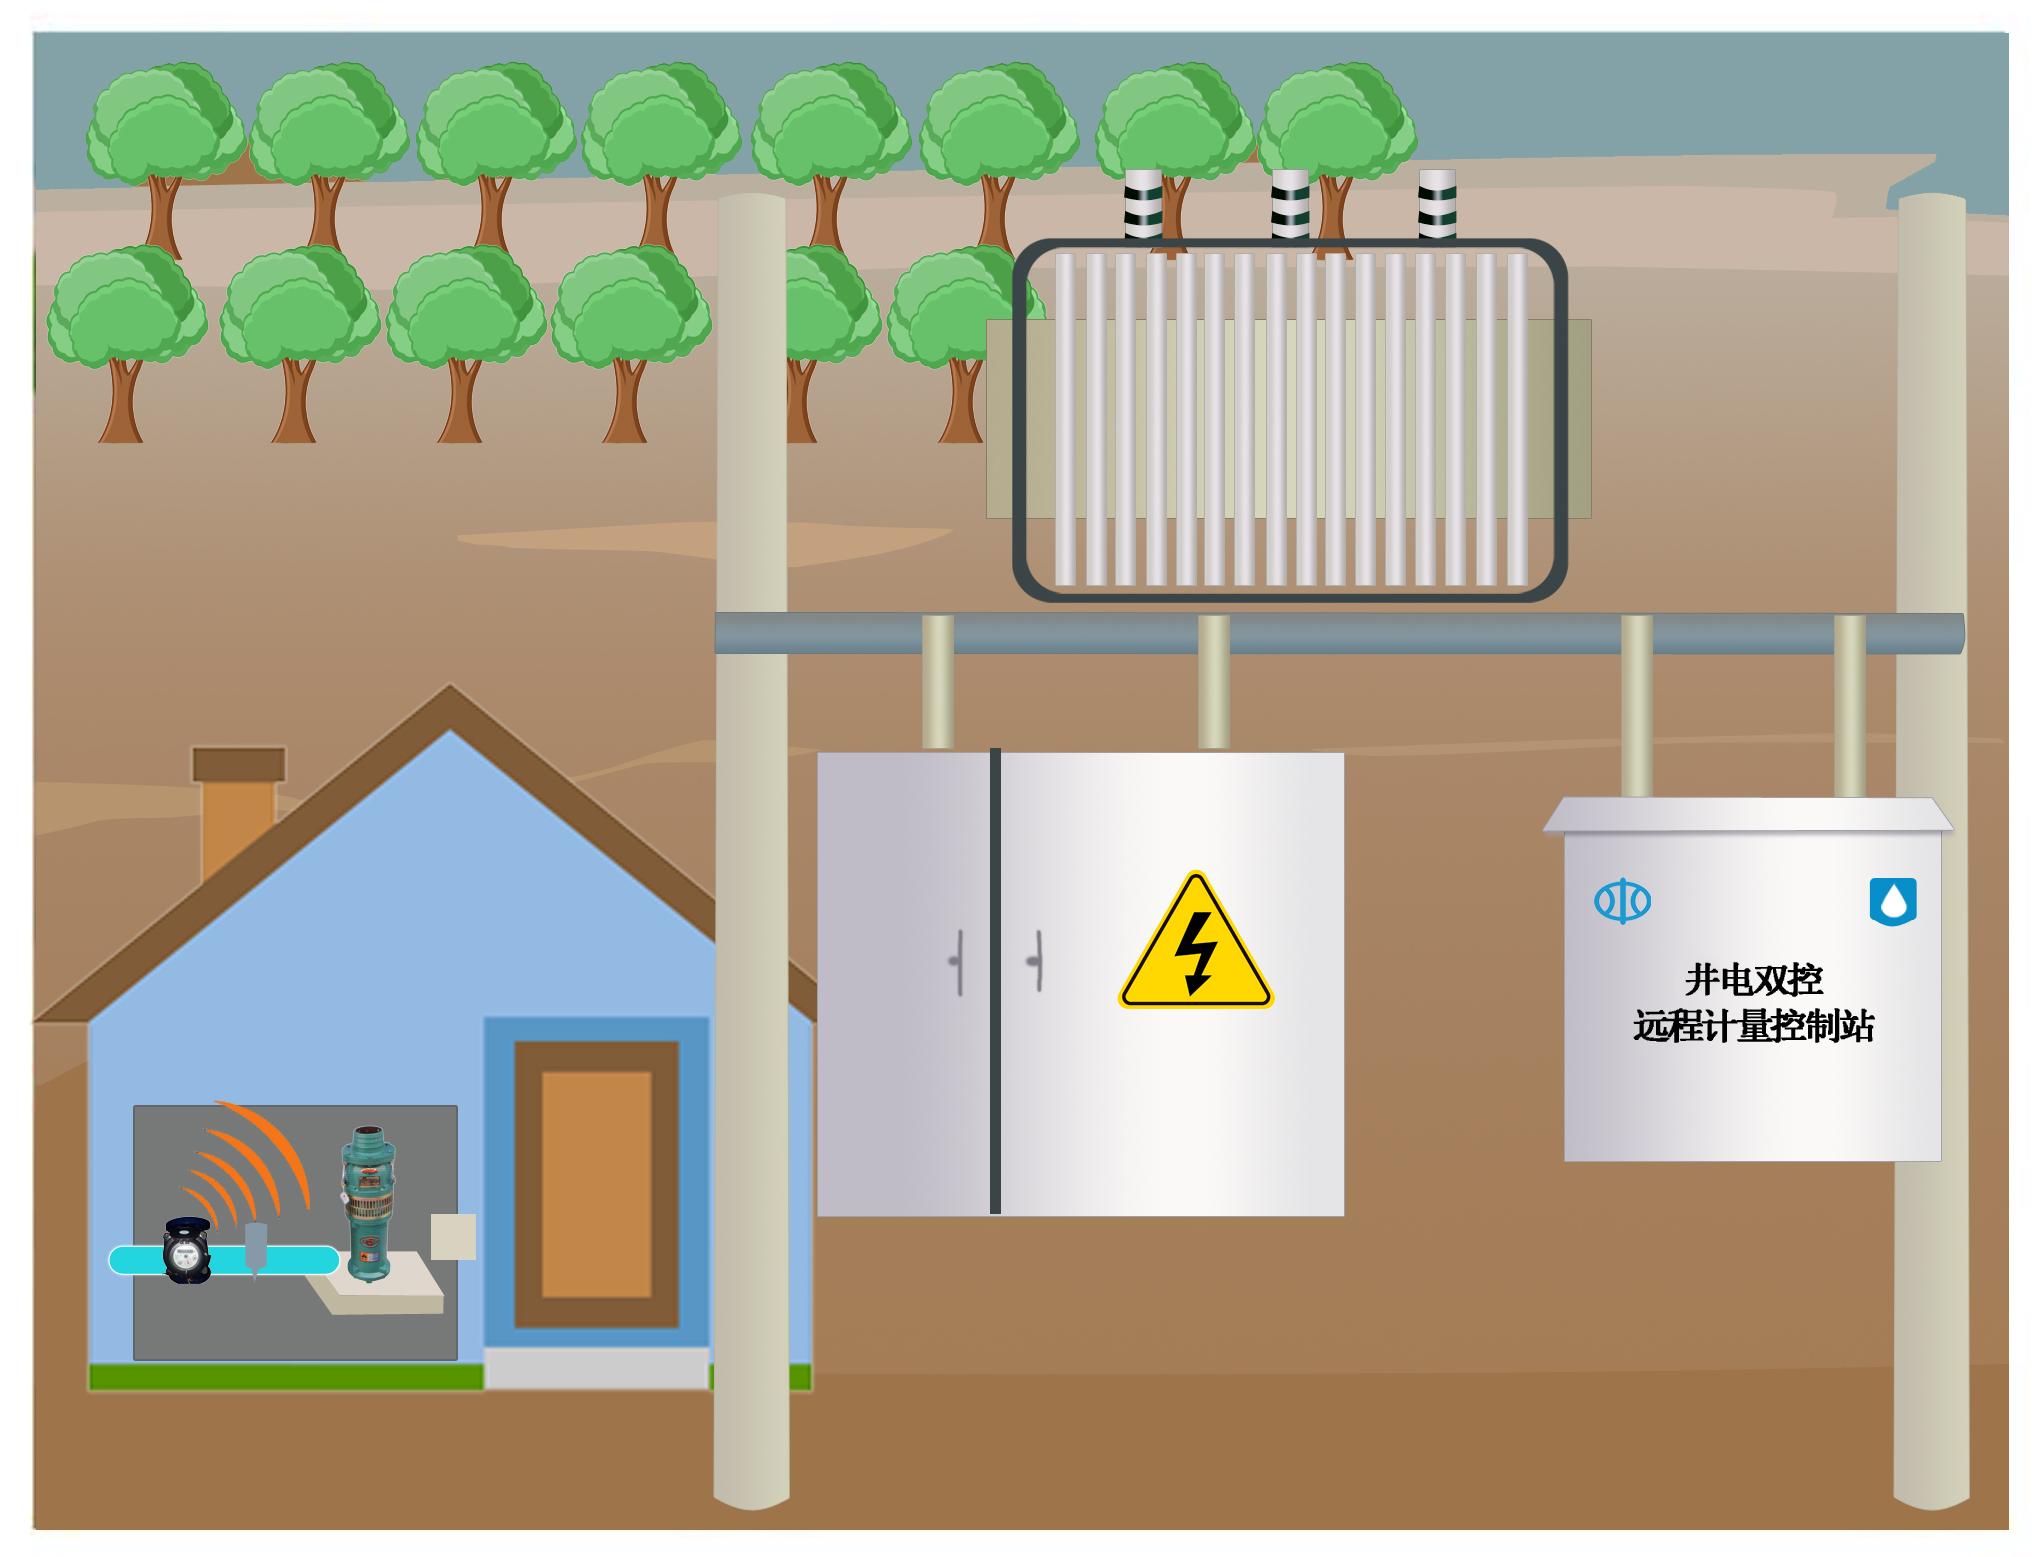 蓝迪通信 机井灌溉控制设备-数据采集器(RTU)和仪表保护箱